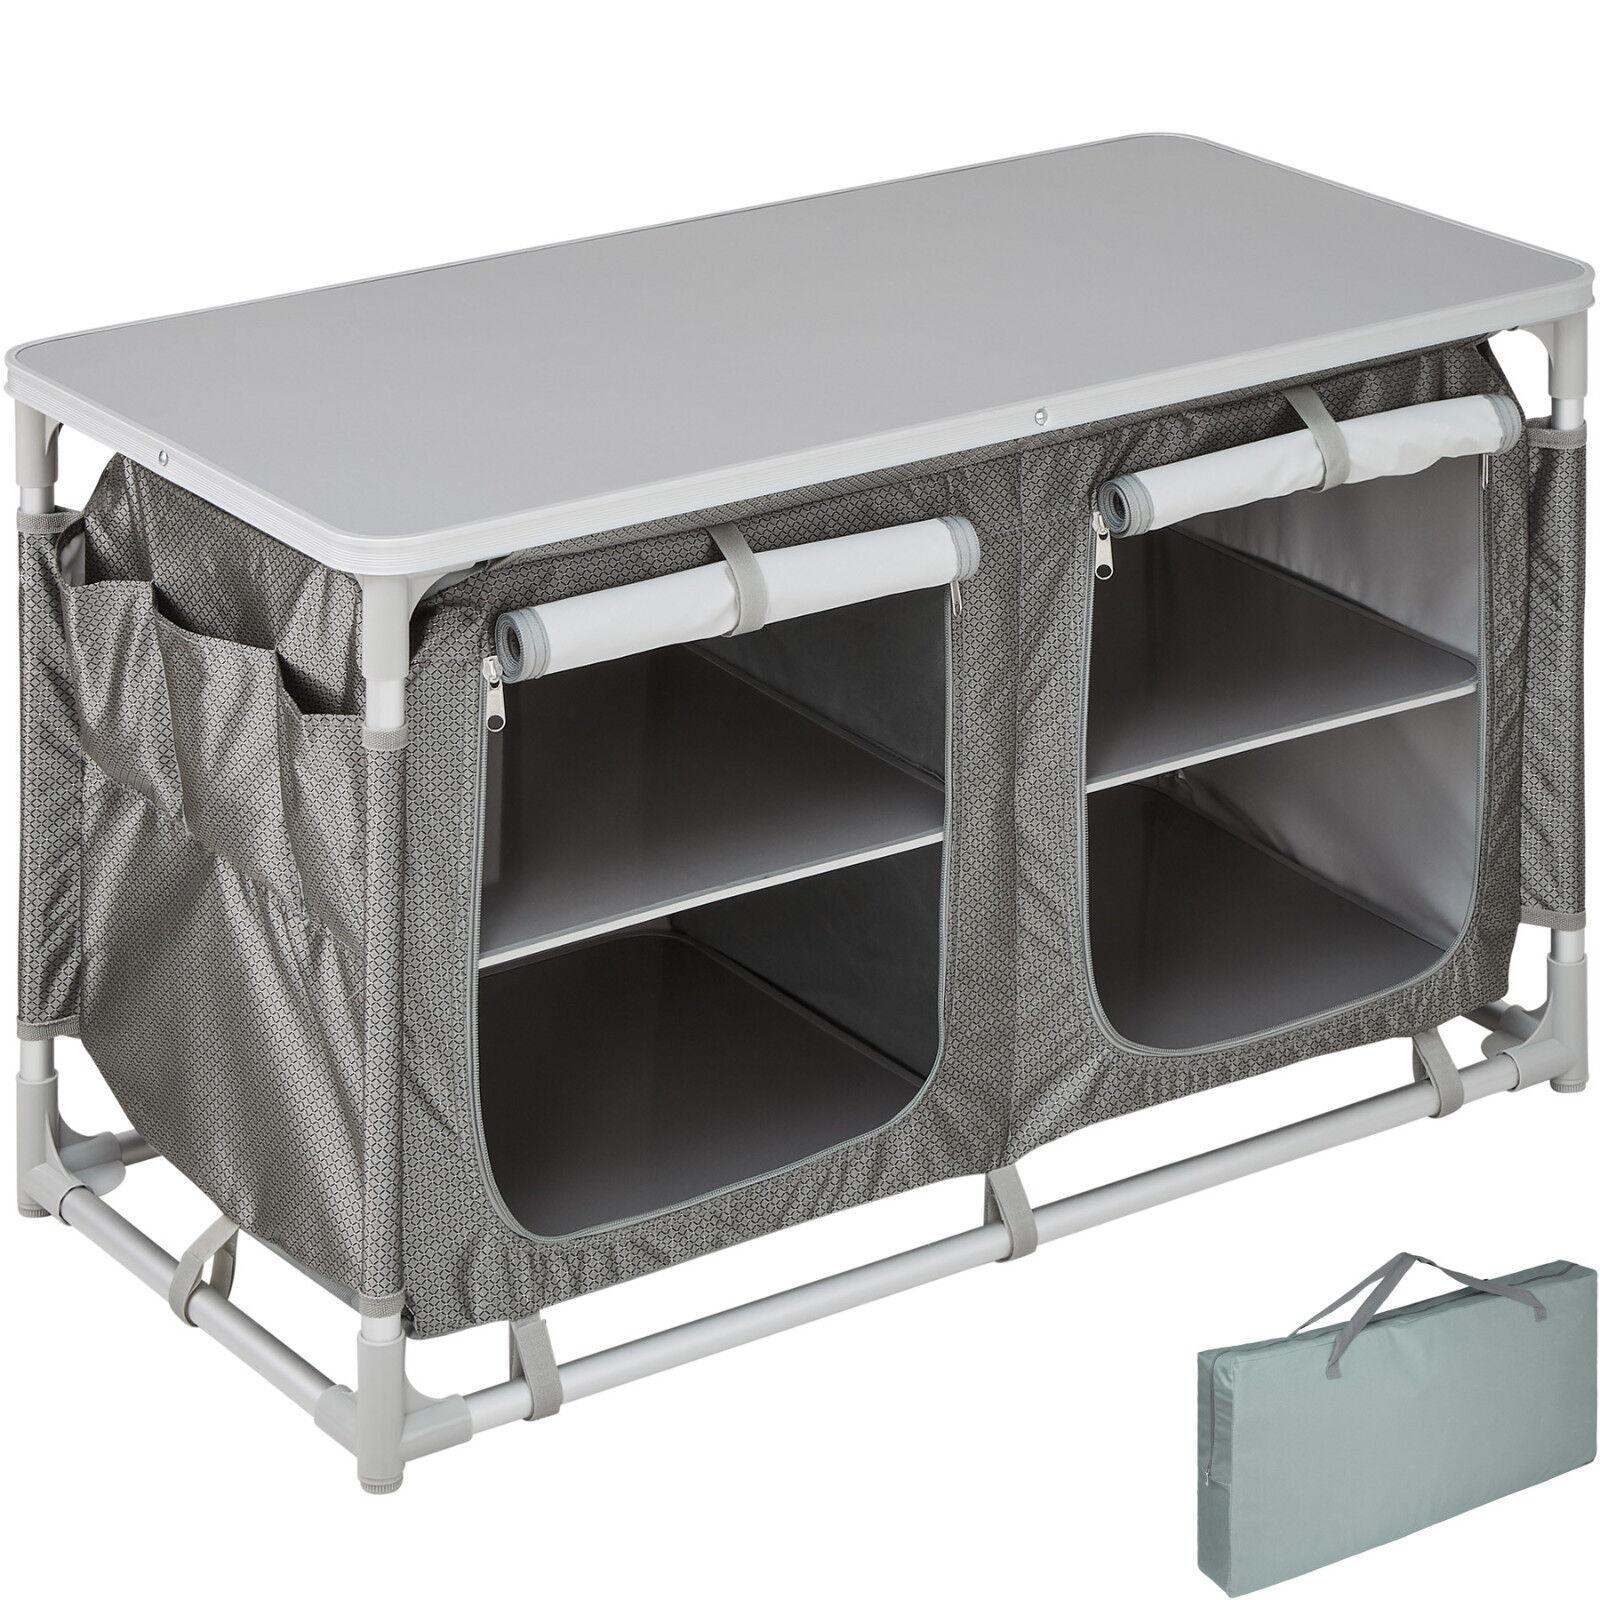 Unidad de almacenamiento de Aluminio Soporte De Cocina Camping Portátil Cocina Ligero